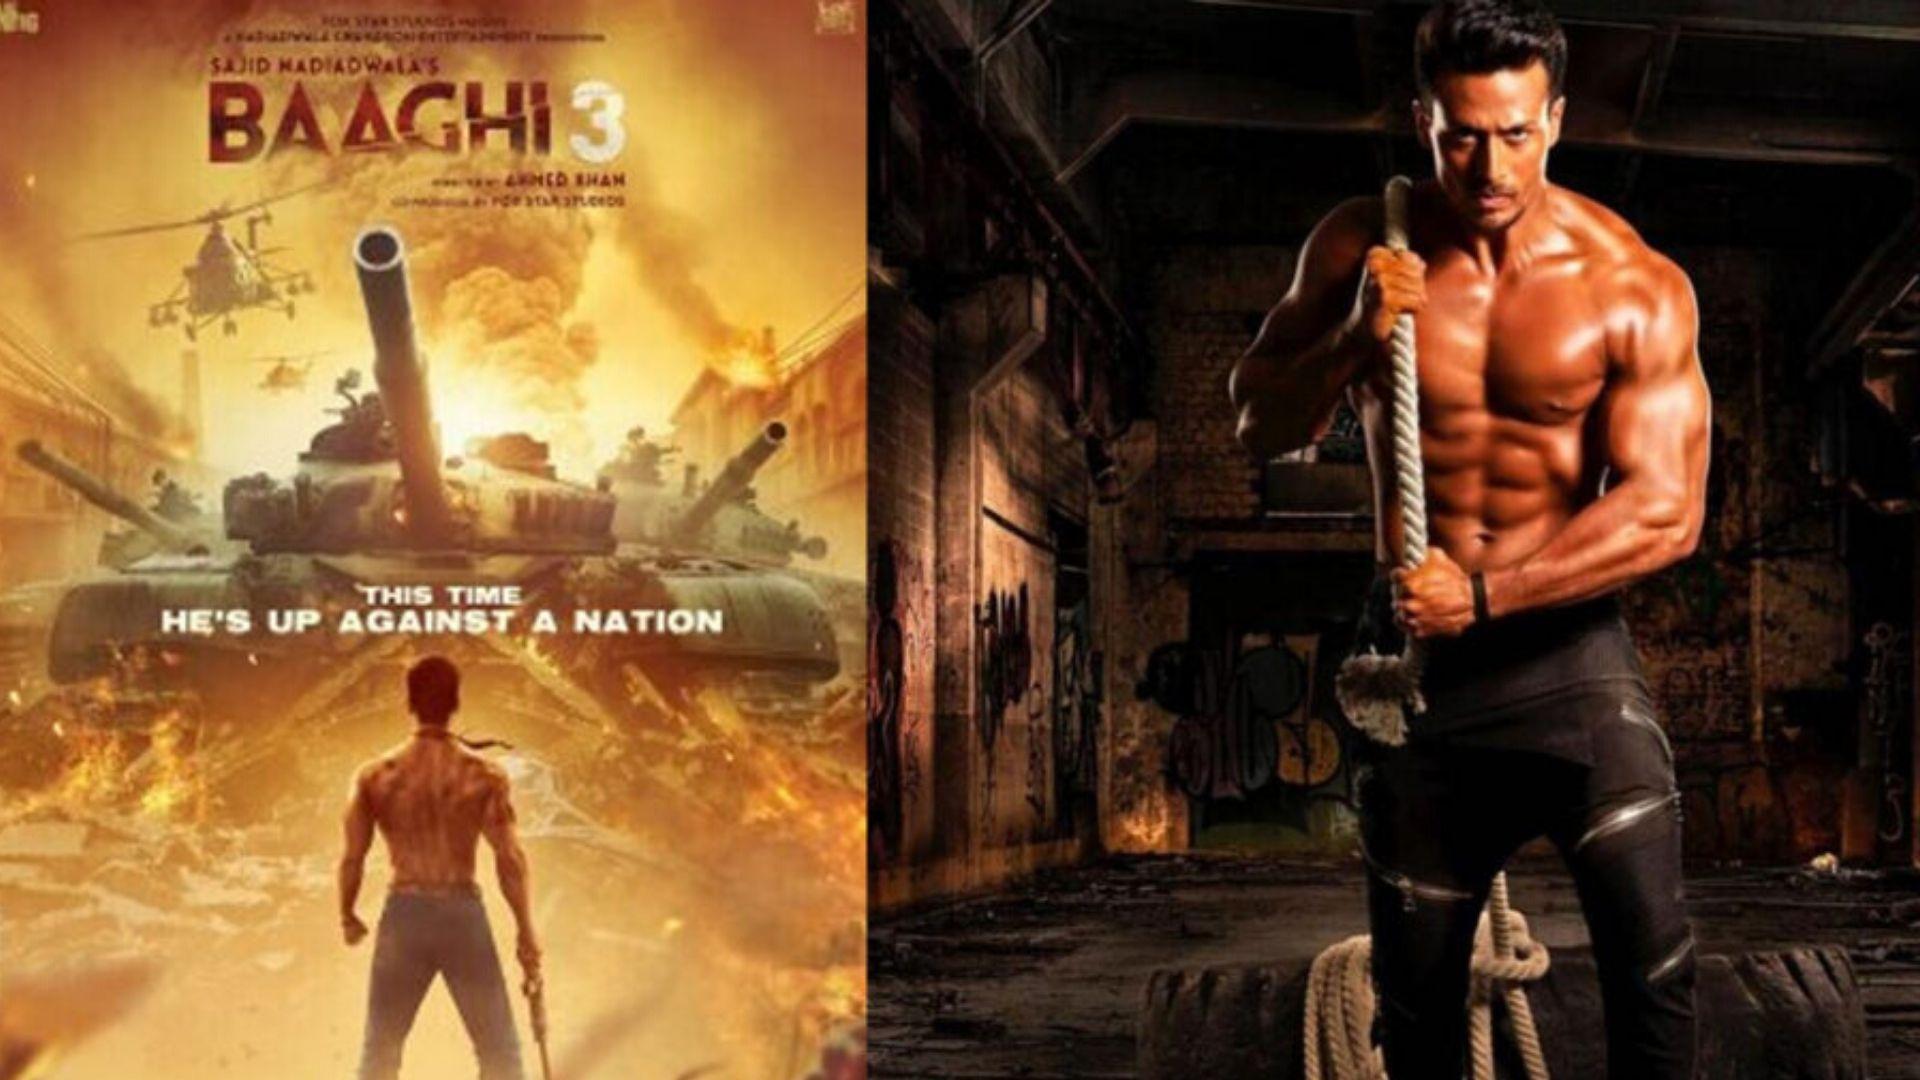 Baaghi 3 Trailer making